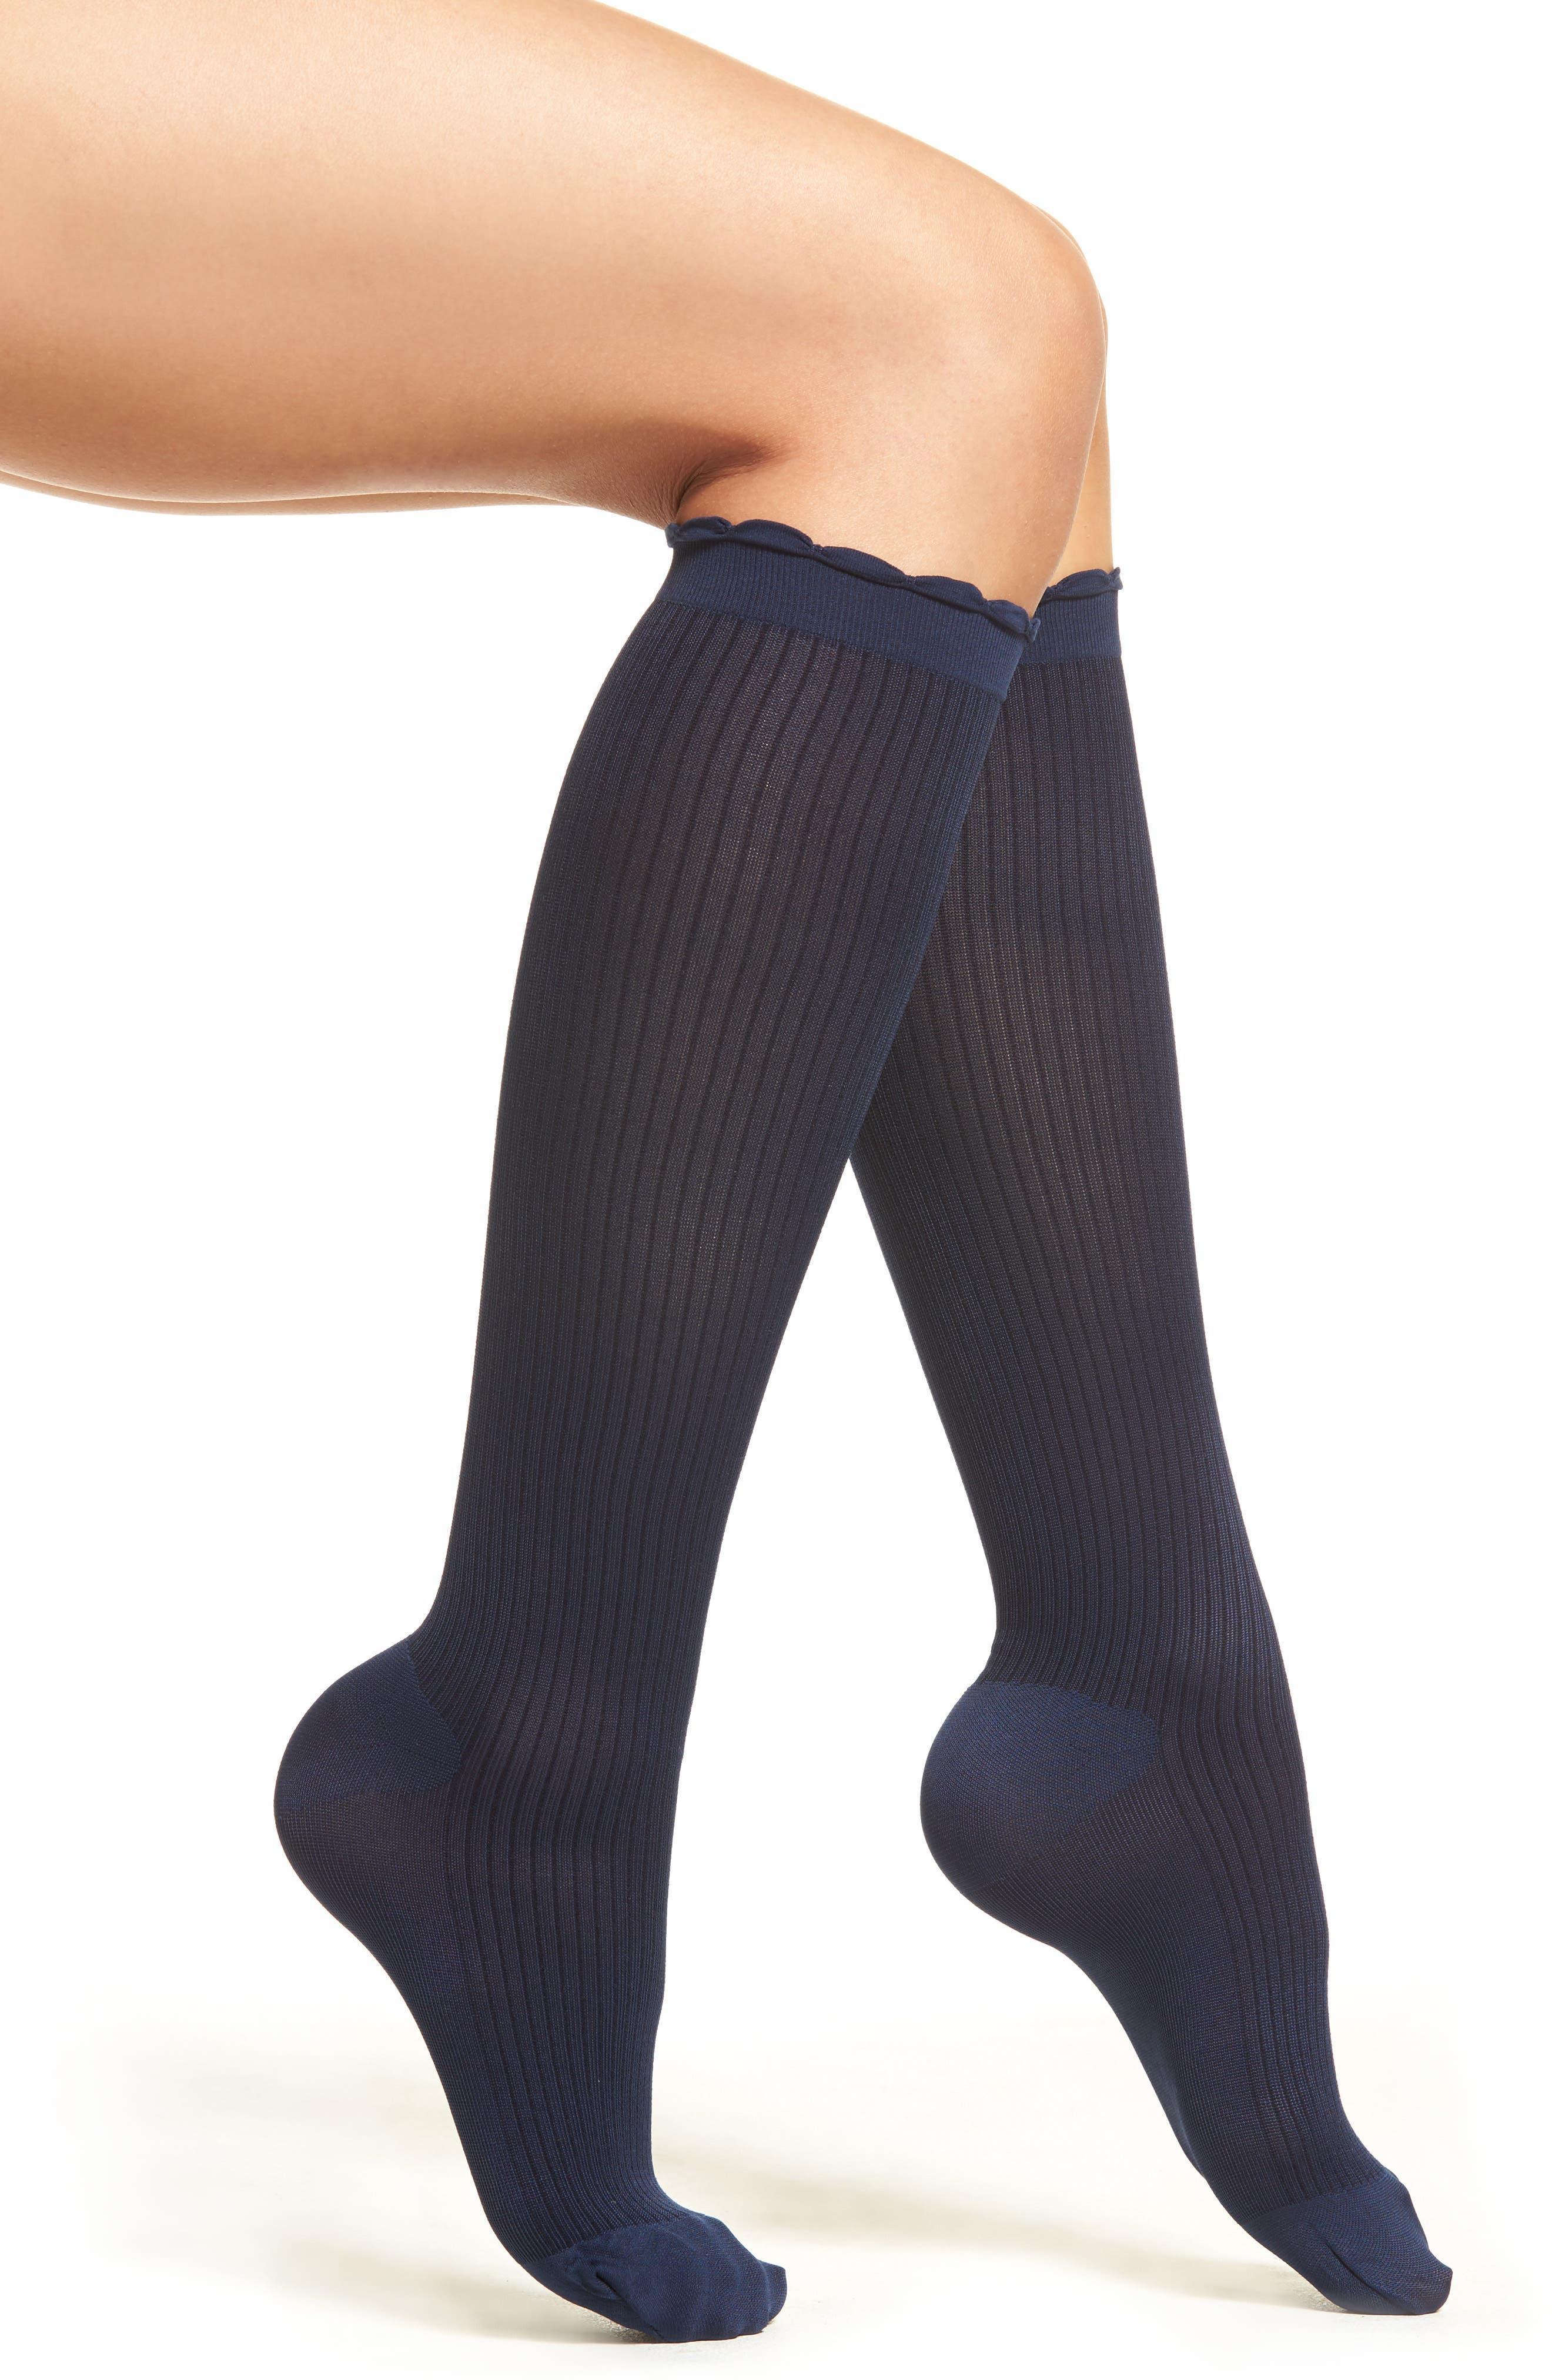 5fdb45be8 Women s Trouser Socks   Hosiery